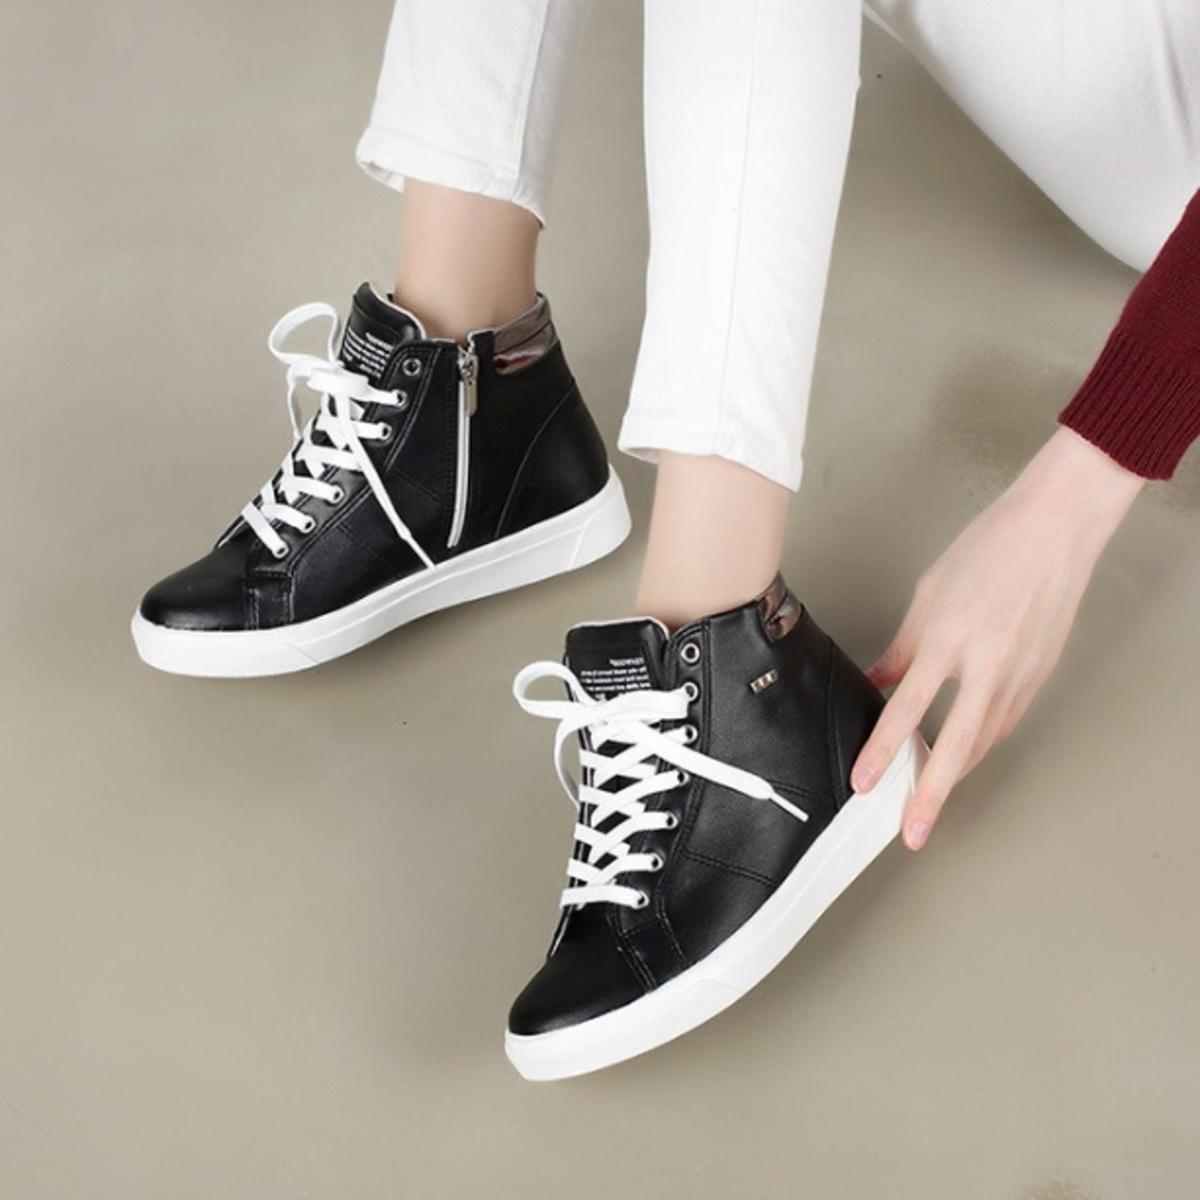 KR-Eden Hitop Shoes